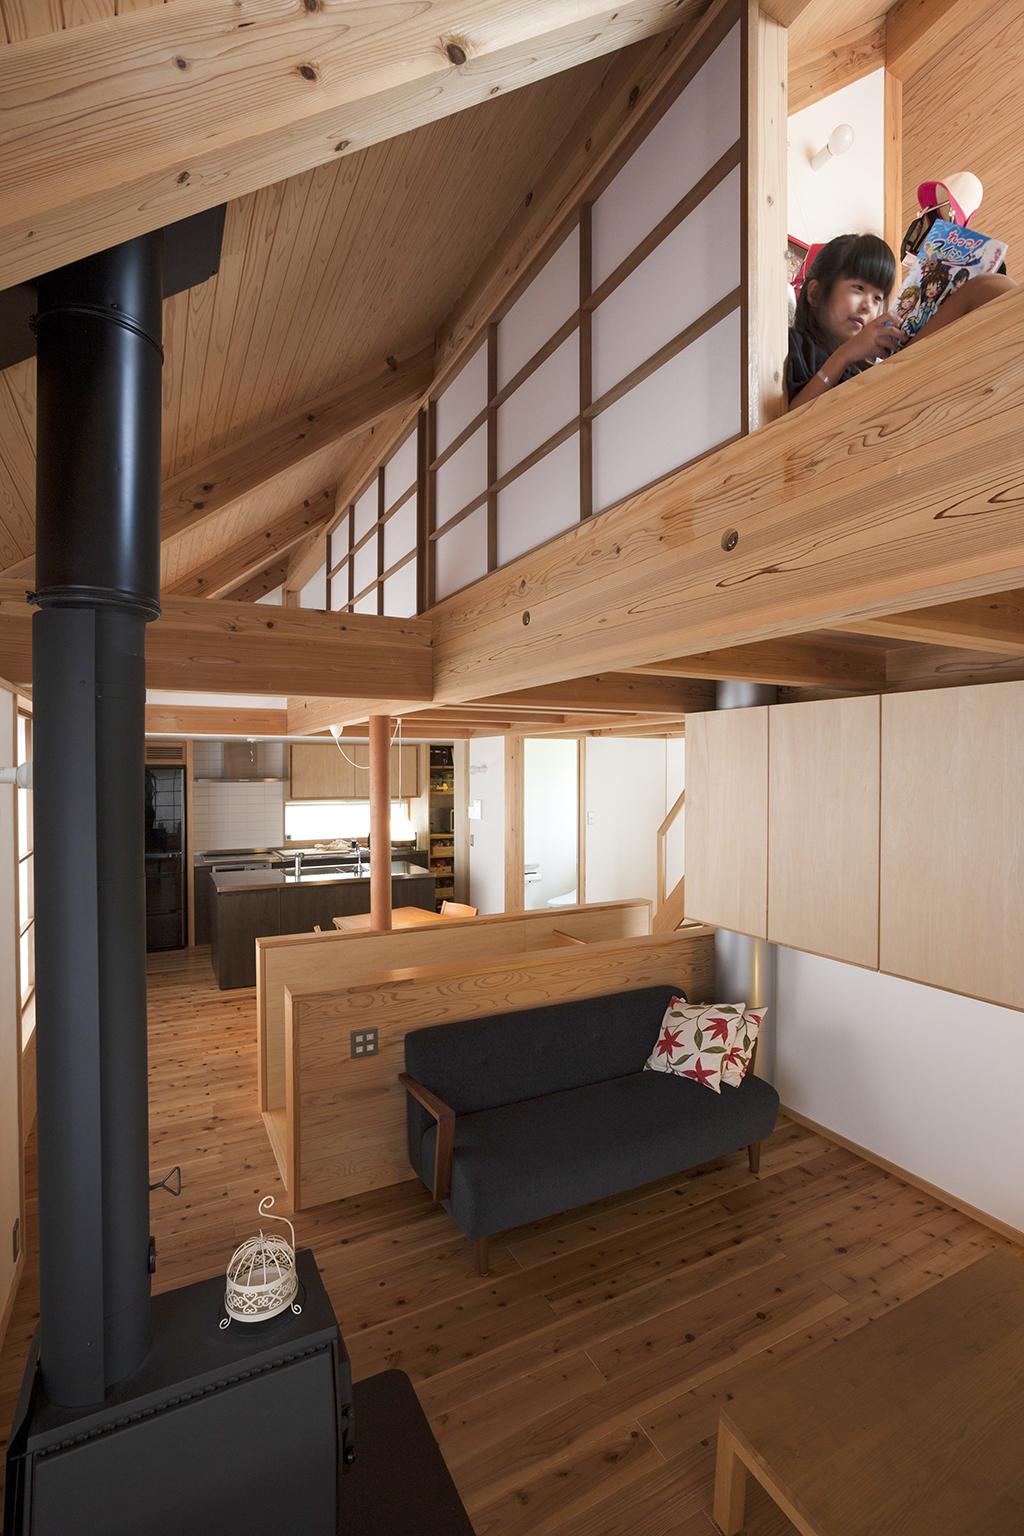 宍粟市の木の家 吹き抜けで3階子ども部屋とつながる